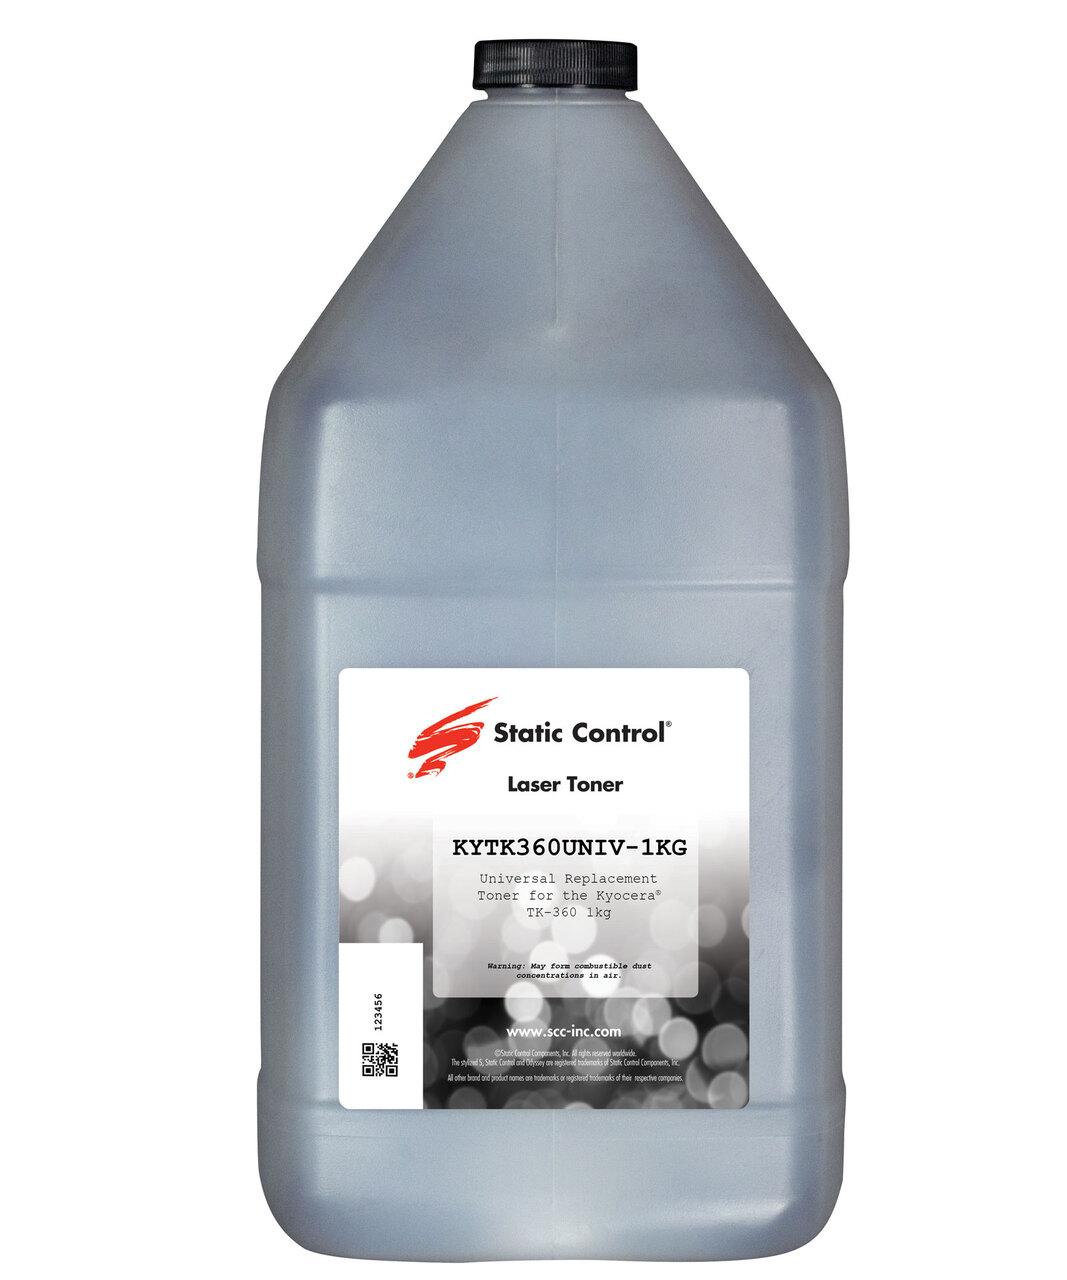 Тонер Static Control для Kyocera FS3900/3920/4000/402(TK-360), 1 кг, флакон KYTK360UNIV-1KG